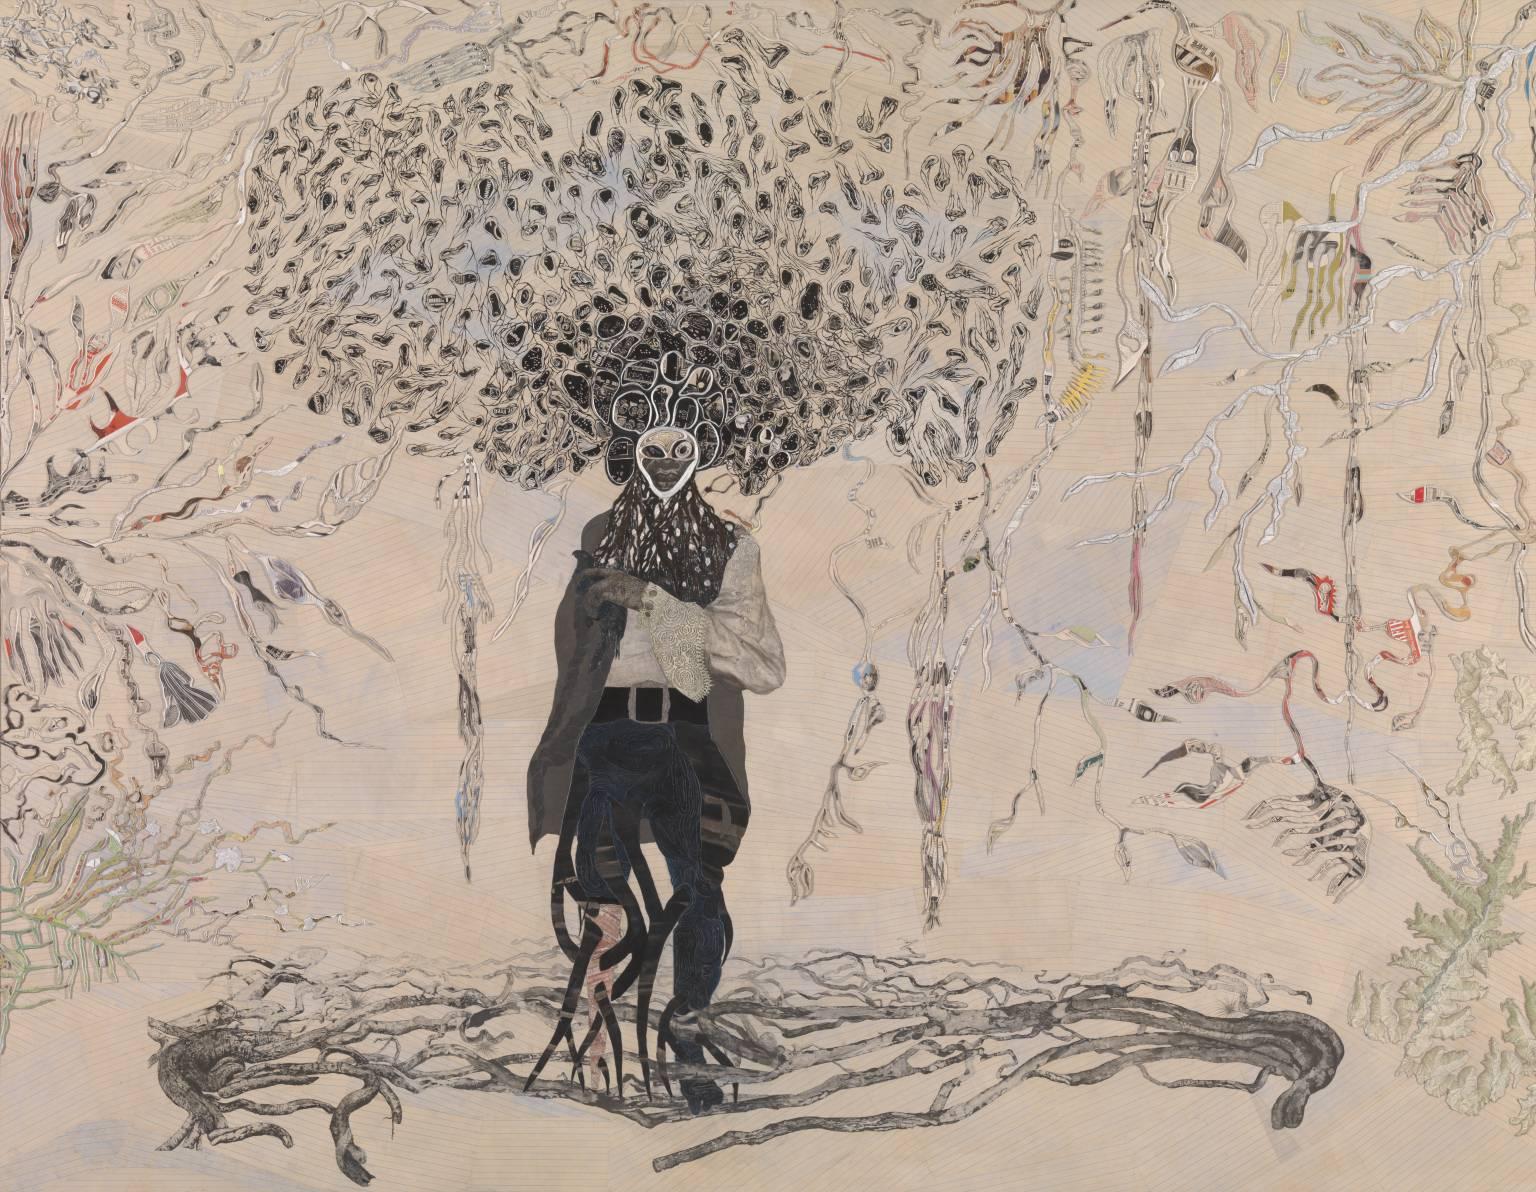 Ellen Gallagher, 'Bird in Hand' 2006